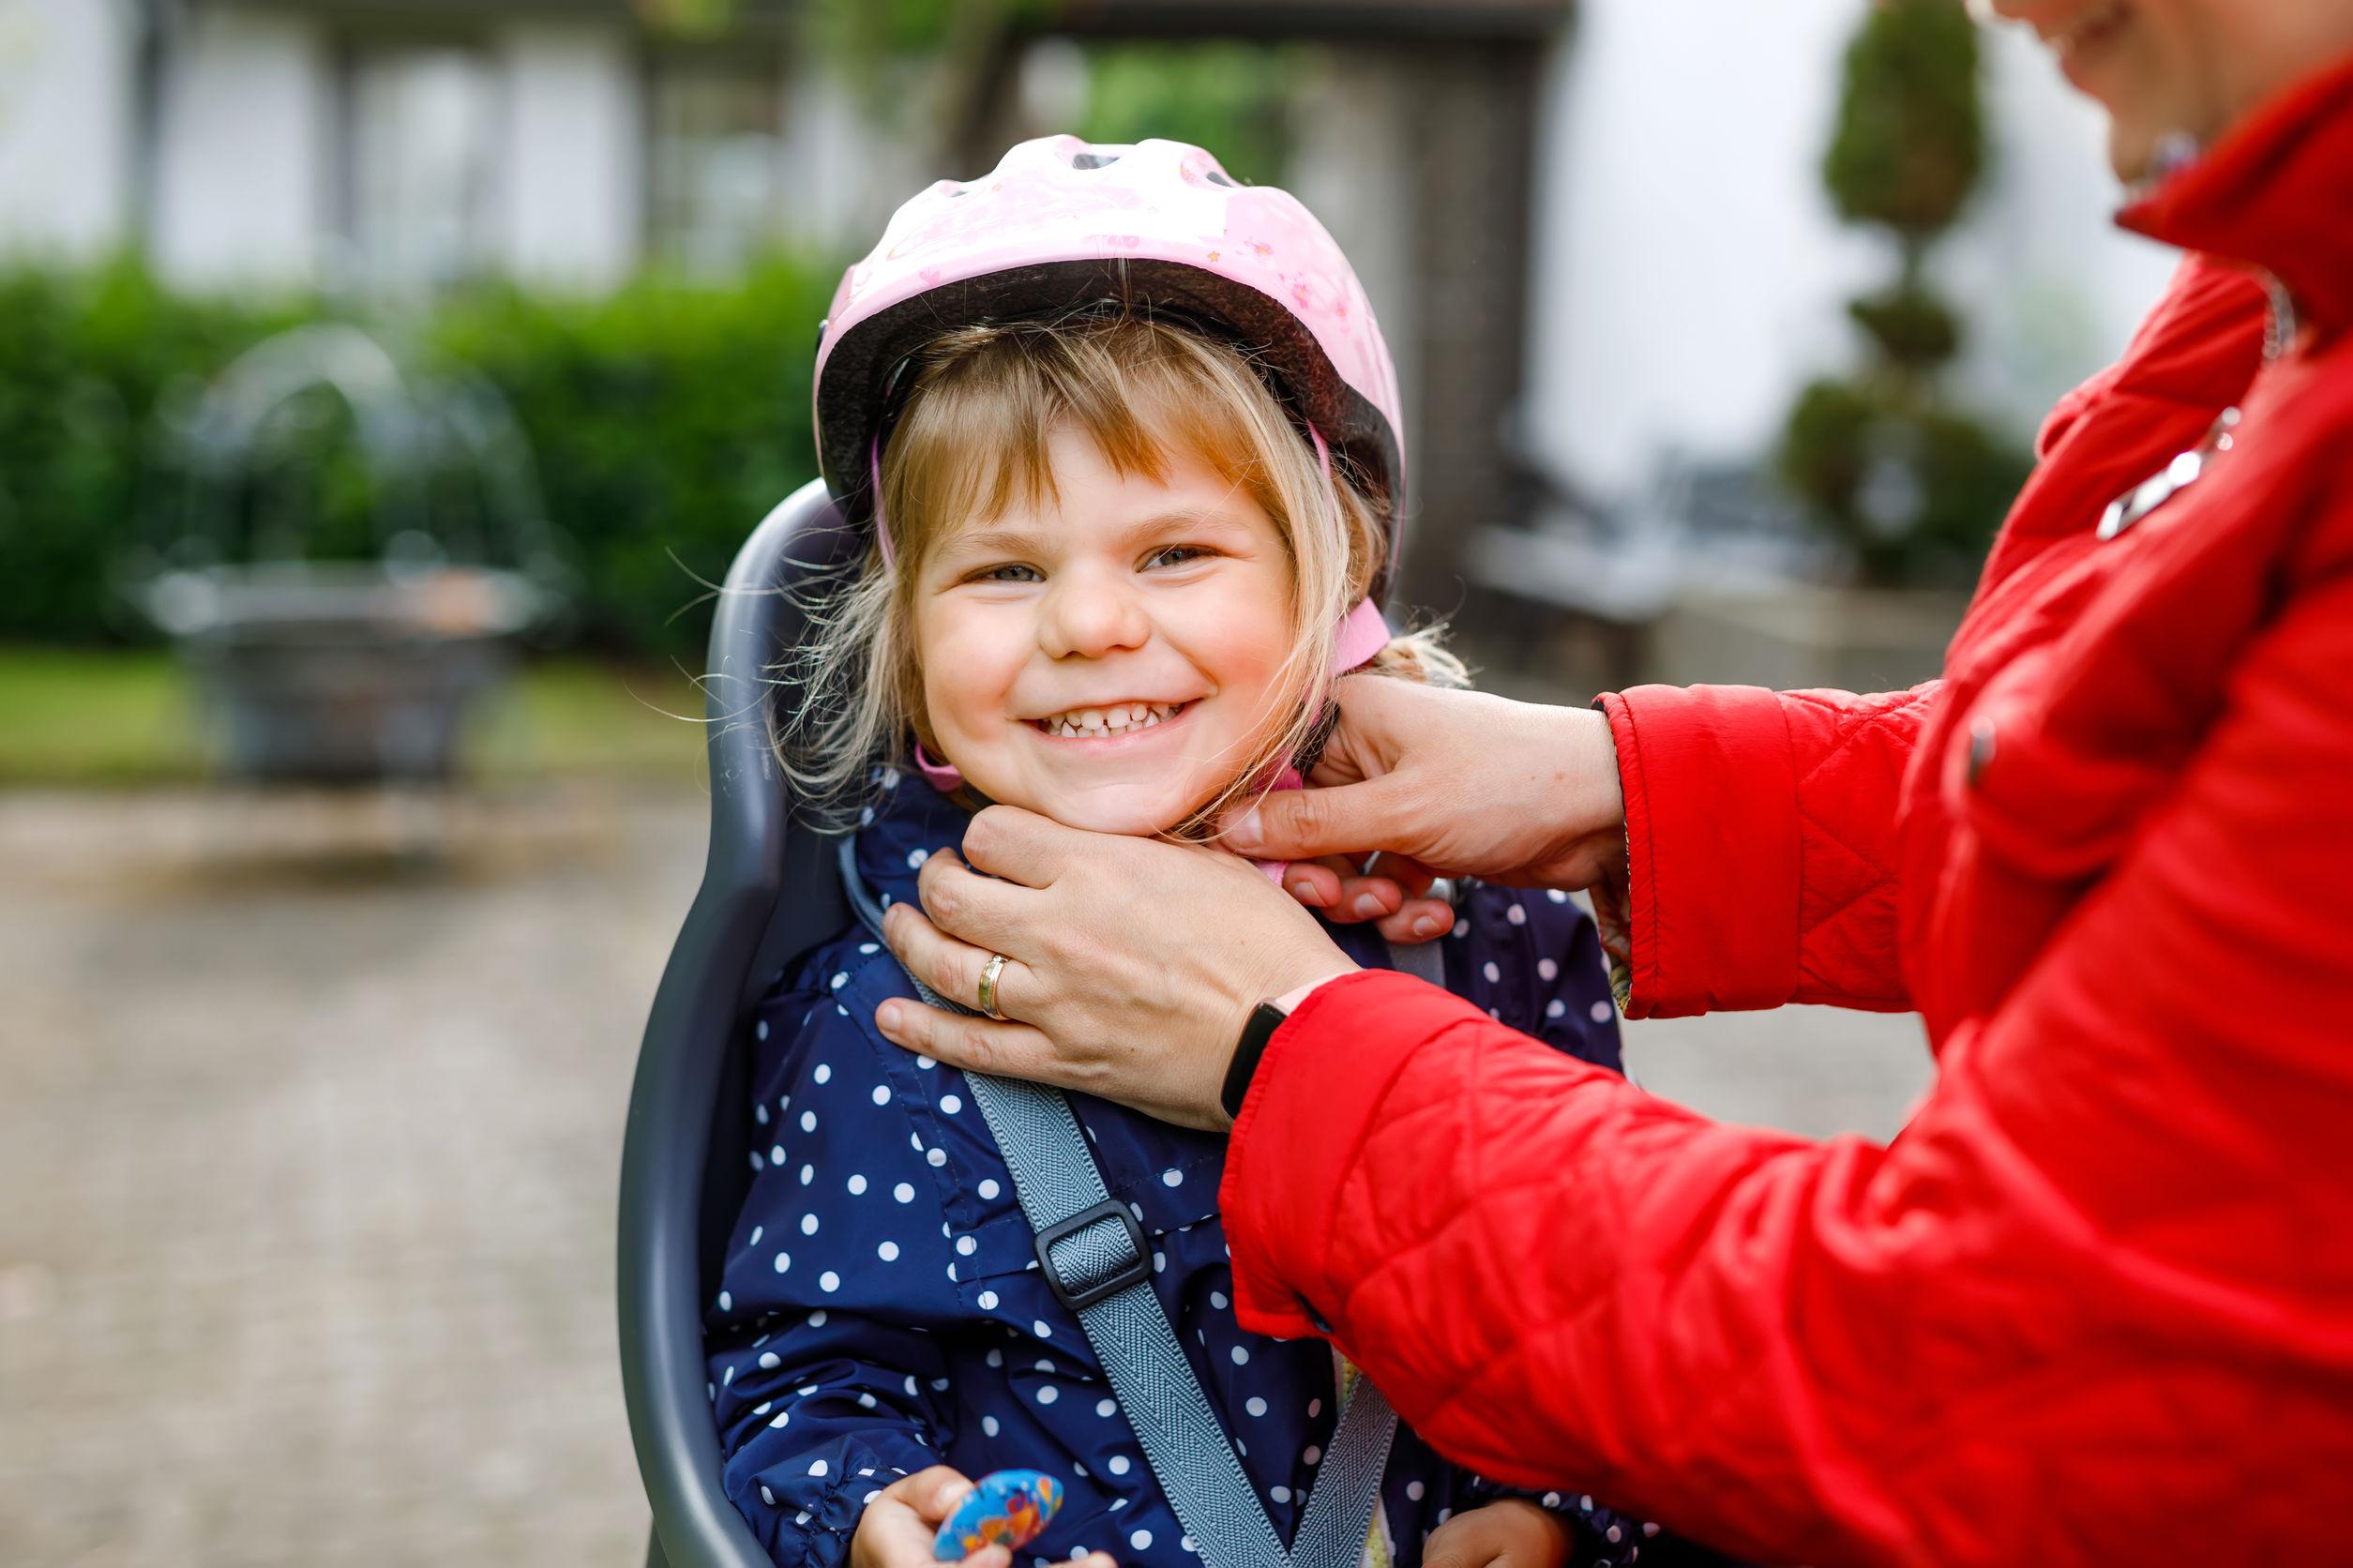 Vorne montierter Fahrradsitz: Test & Empfehlungen (04/21)